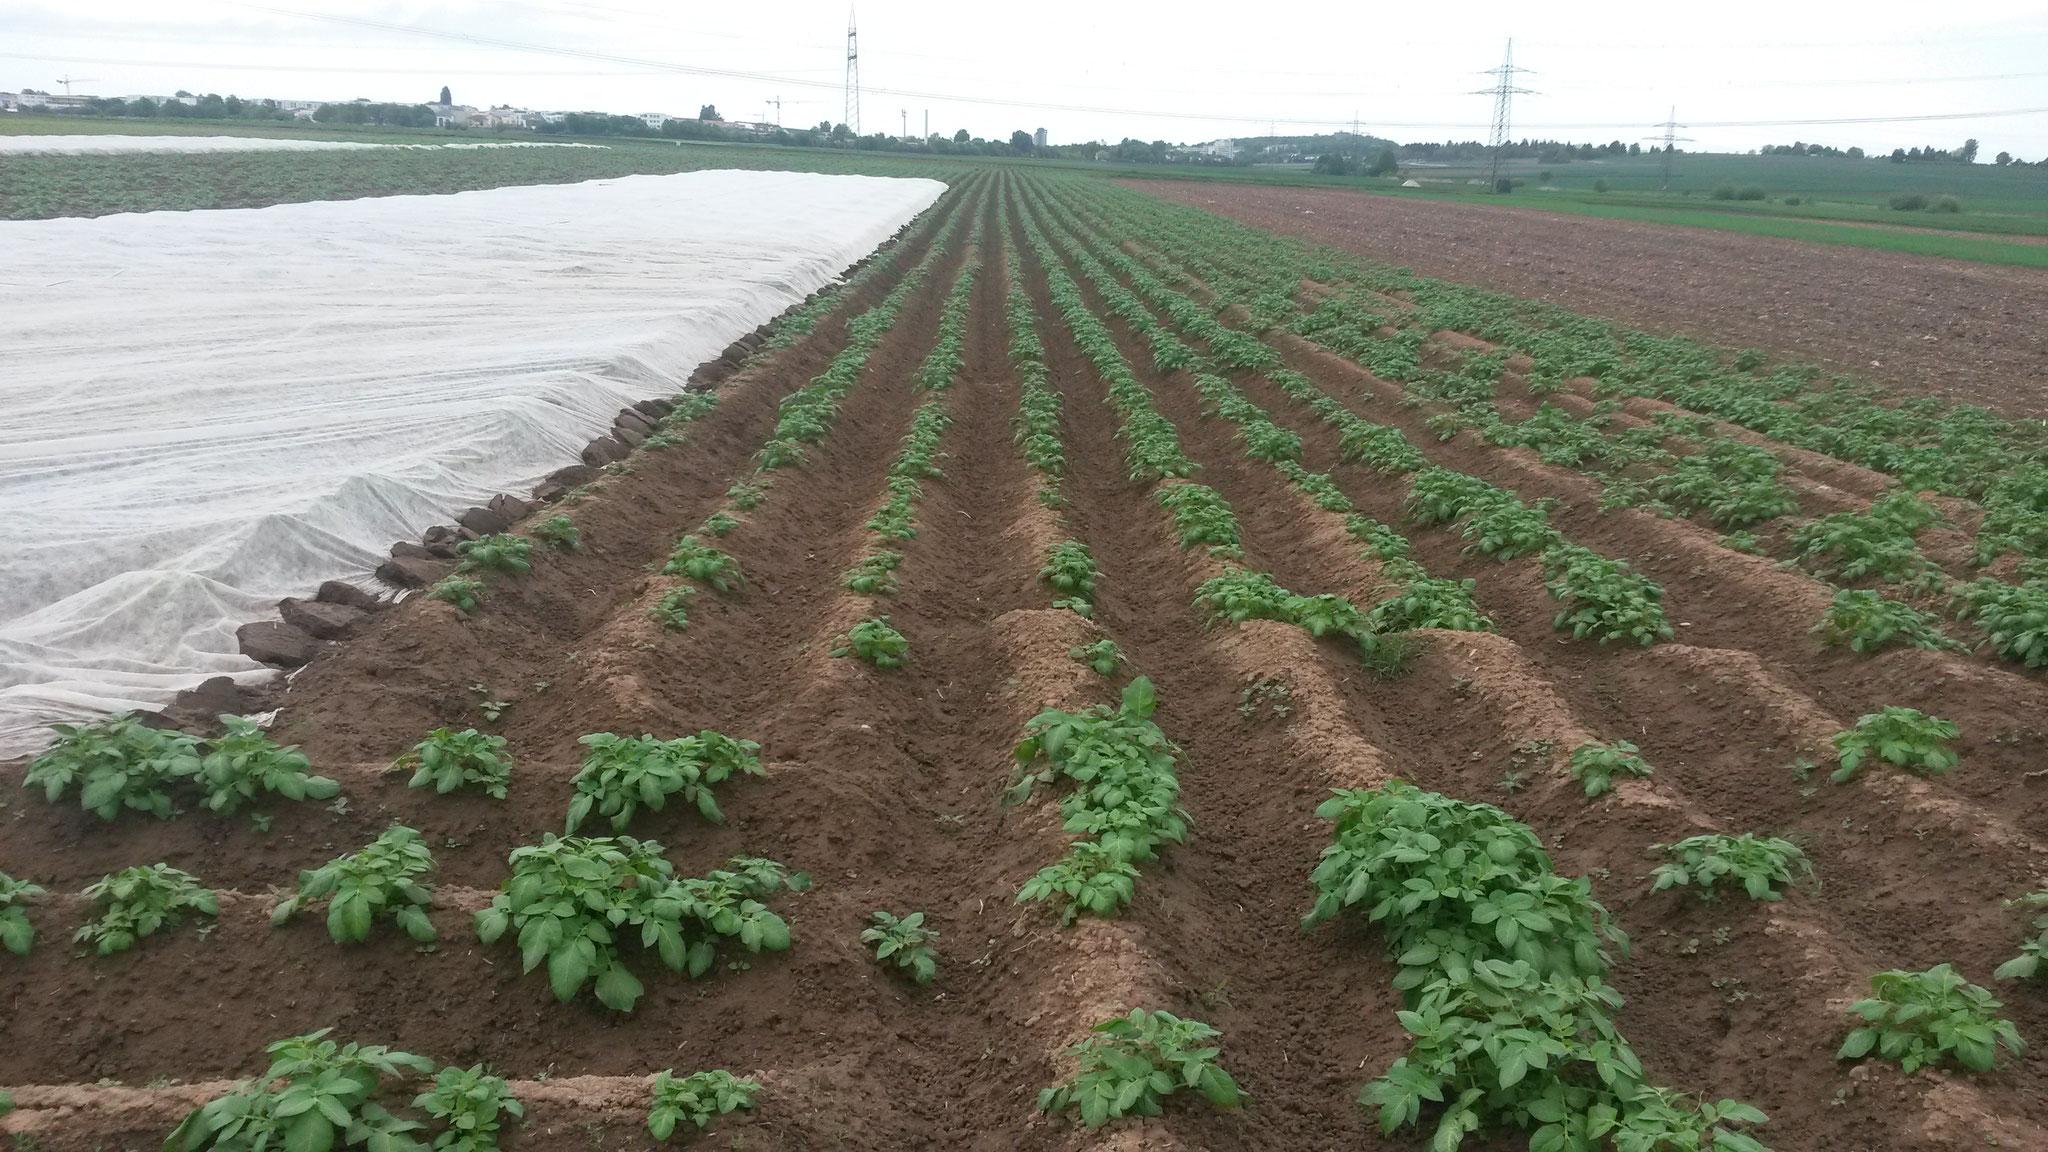 Ab- und Aufdecken des Kartoffelvlies, um wärmere Temperaturen im Damm zu erreichen